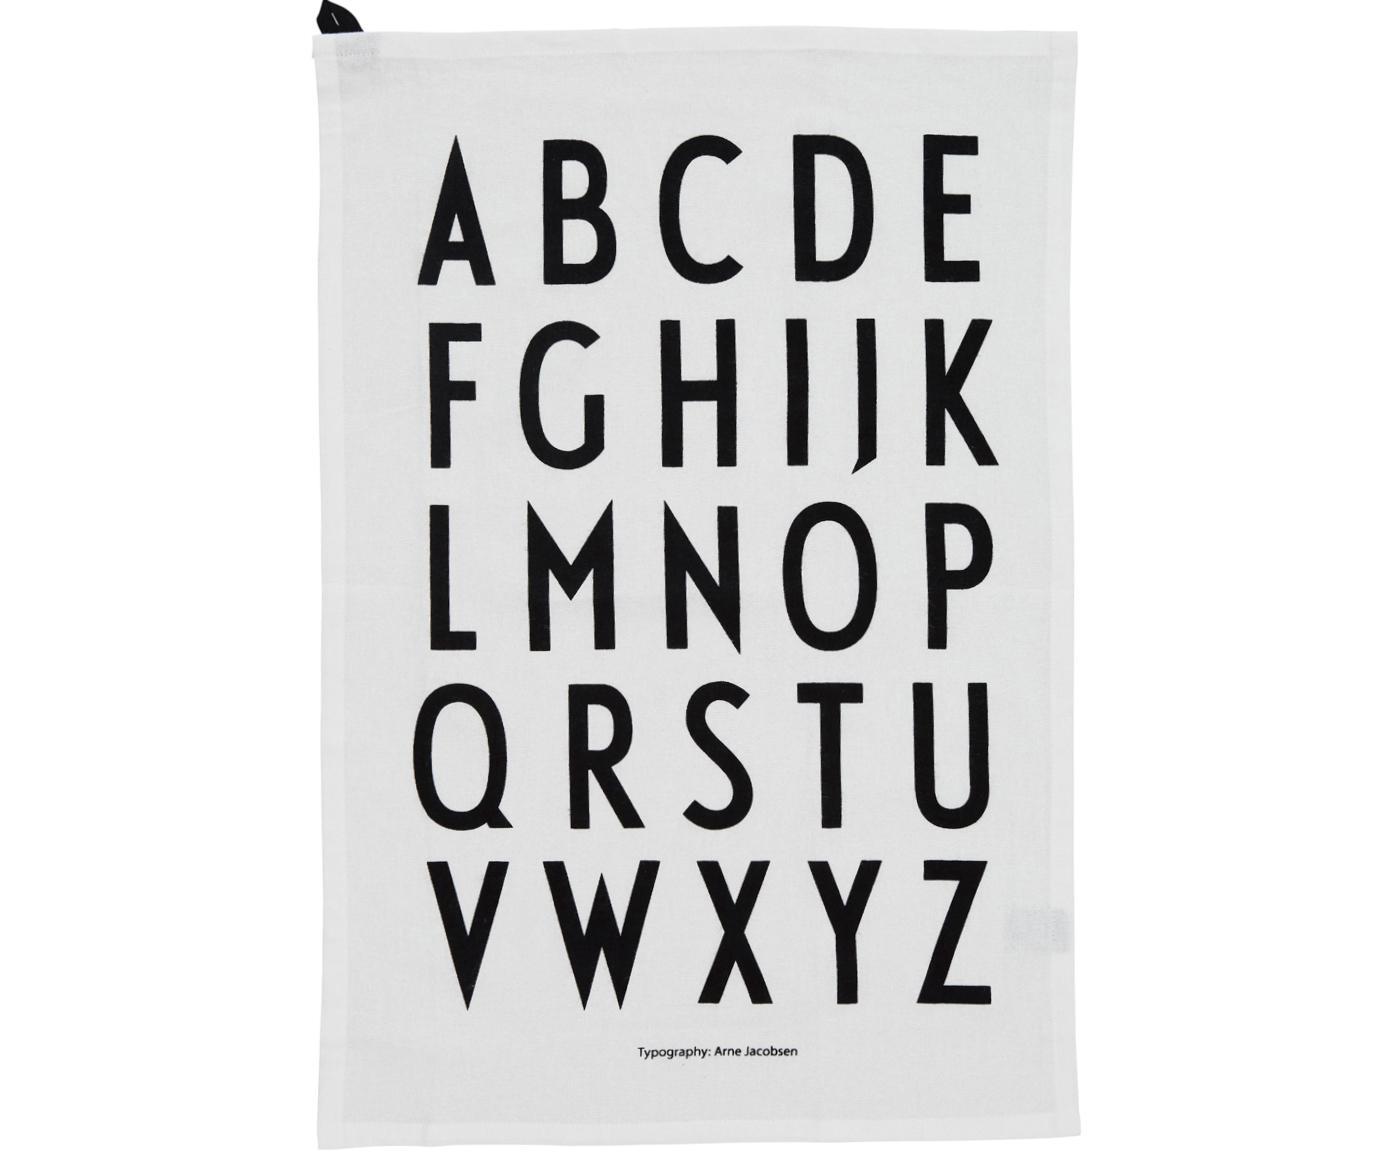 Theedoeken Classic in wit met designletters, 2 stuks, Katoen, Wit, zwart, 40 x 60 cm